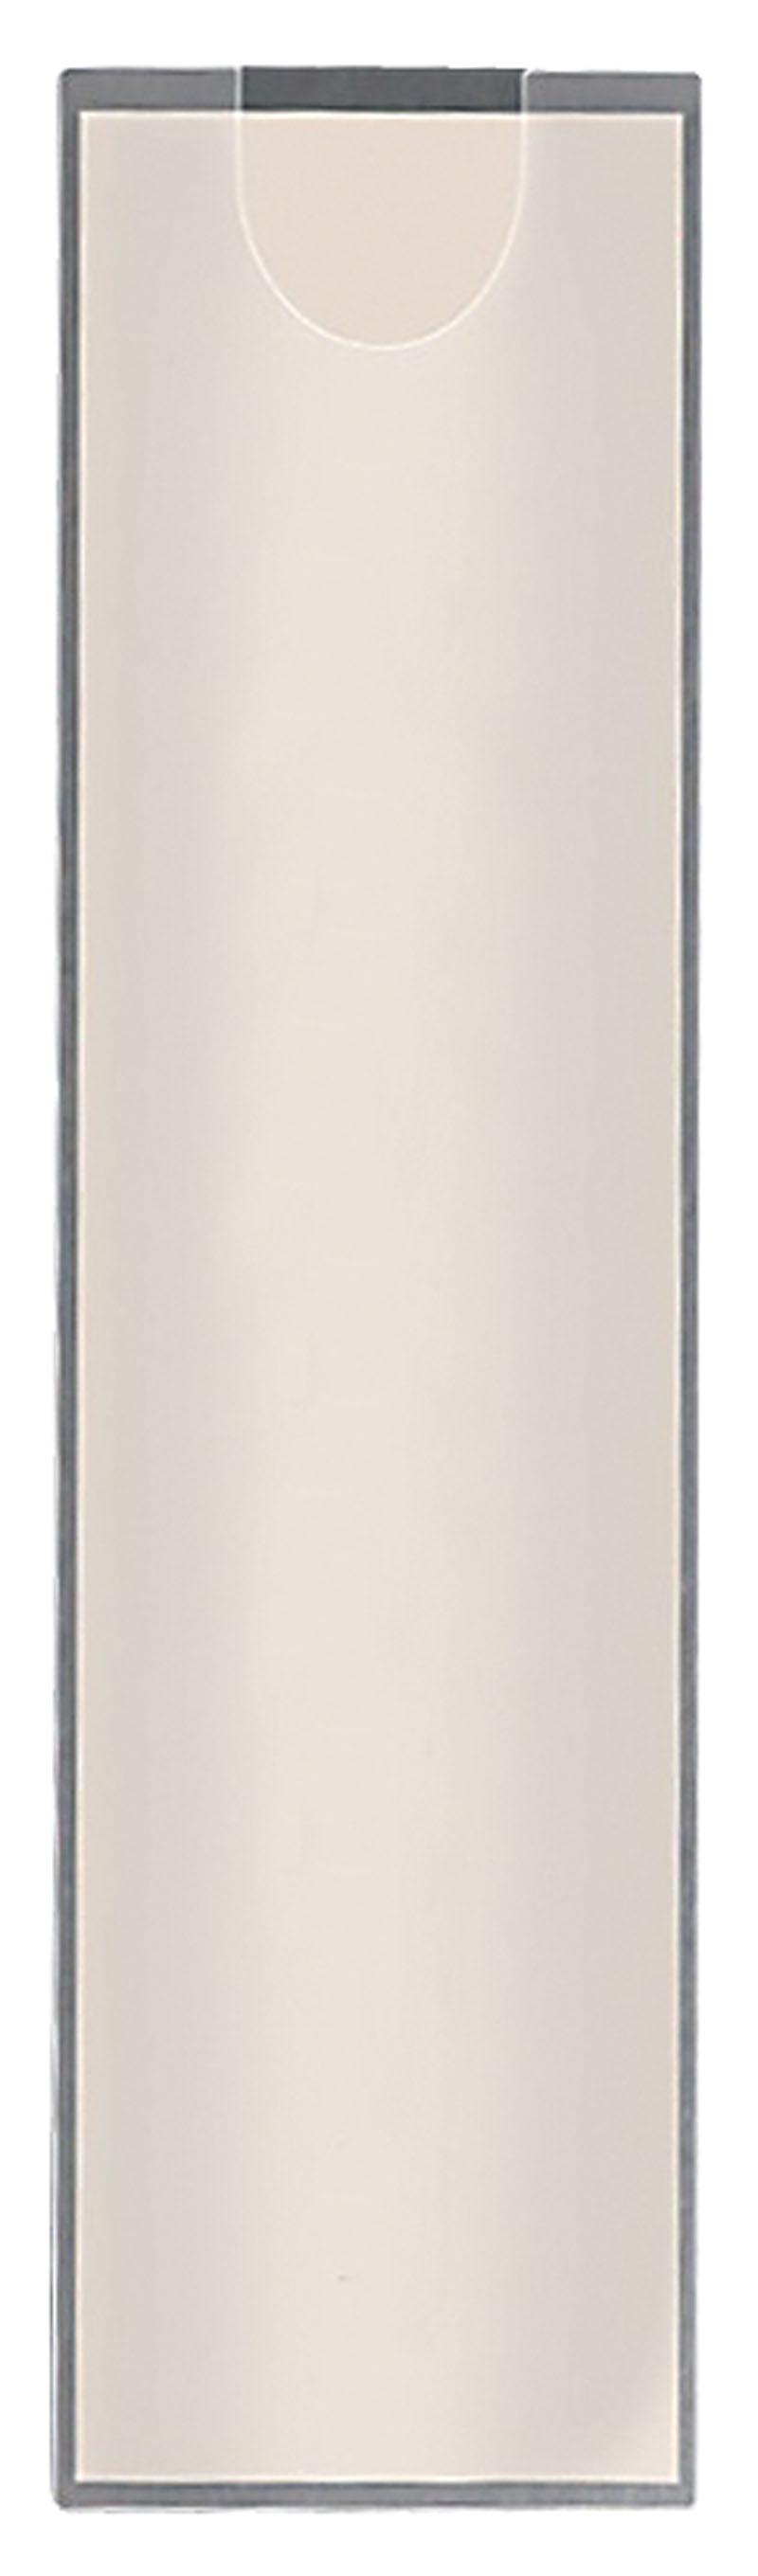 Kieszeń samoprzylepna Q-CONNECT, na etykiety, rozc. na kr. gór. boku, 35x102mm, 12szt., Kieszonki samoprzylepne, Drobne akcesoria biurowe